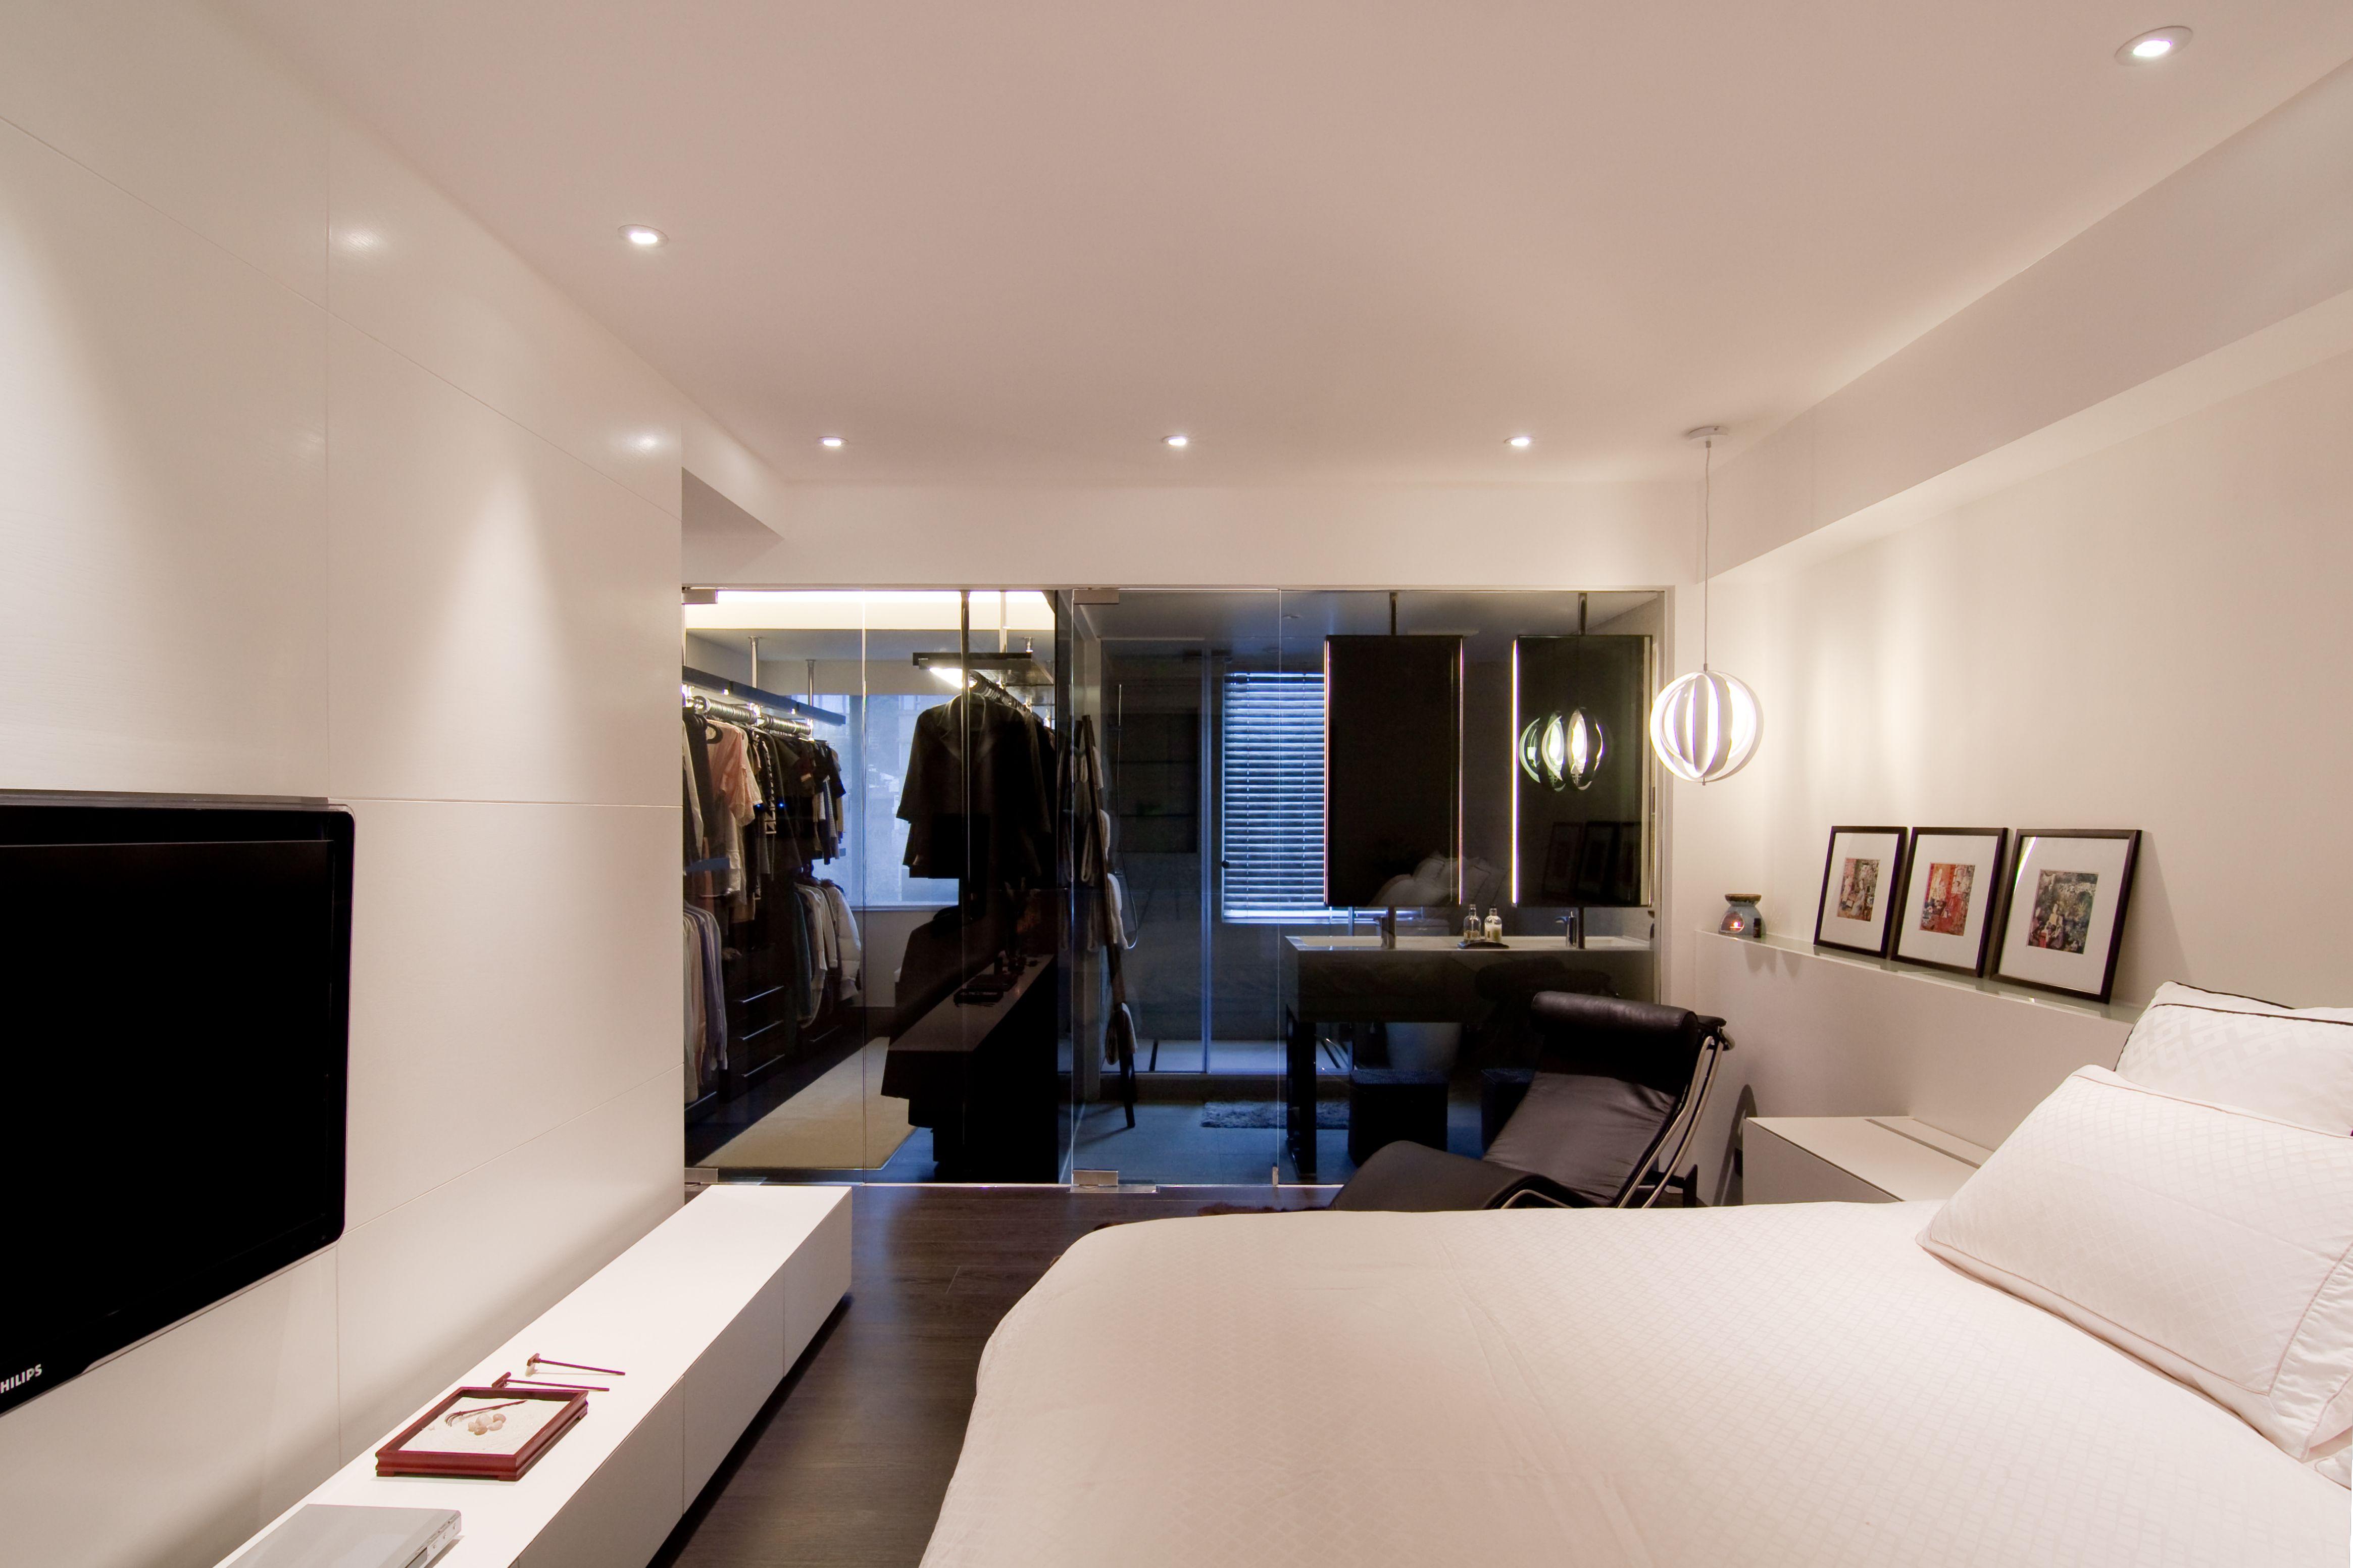 欧式 北欧 简约 现代 温馨 西安 装修 设计 厨房图片来自翼森设计在一屋一风情的分享